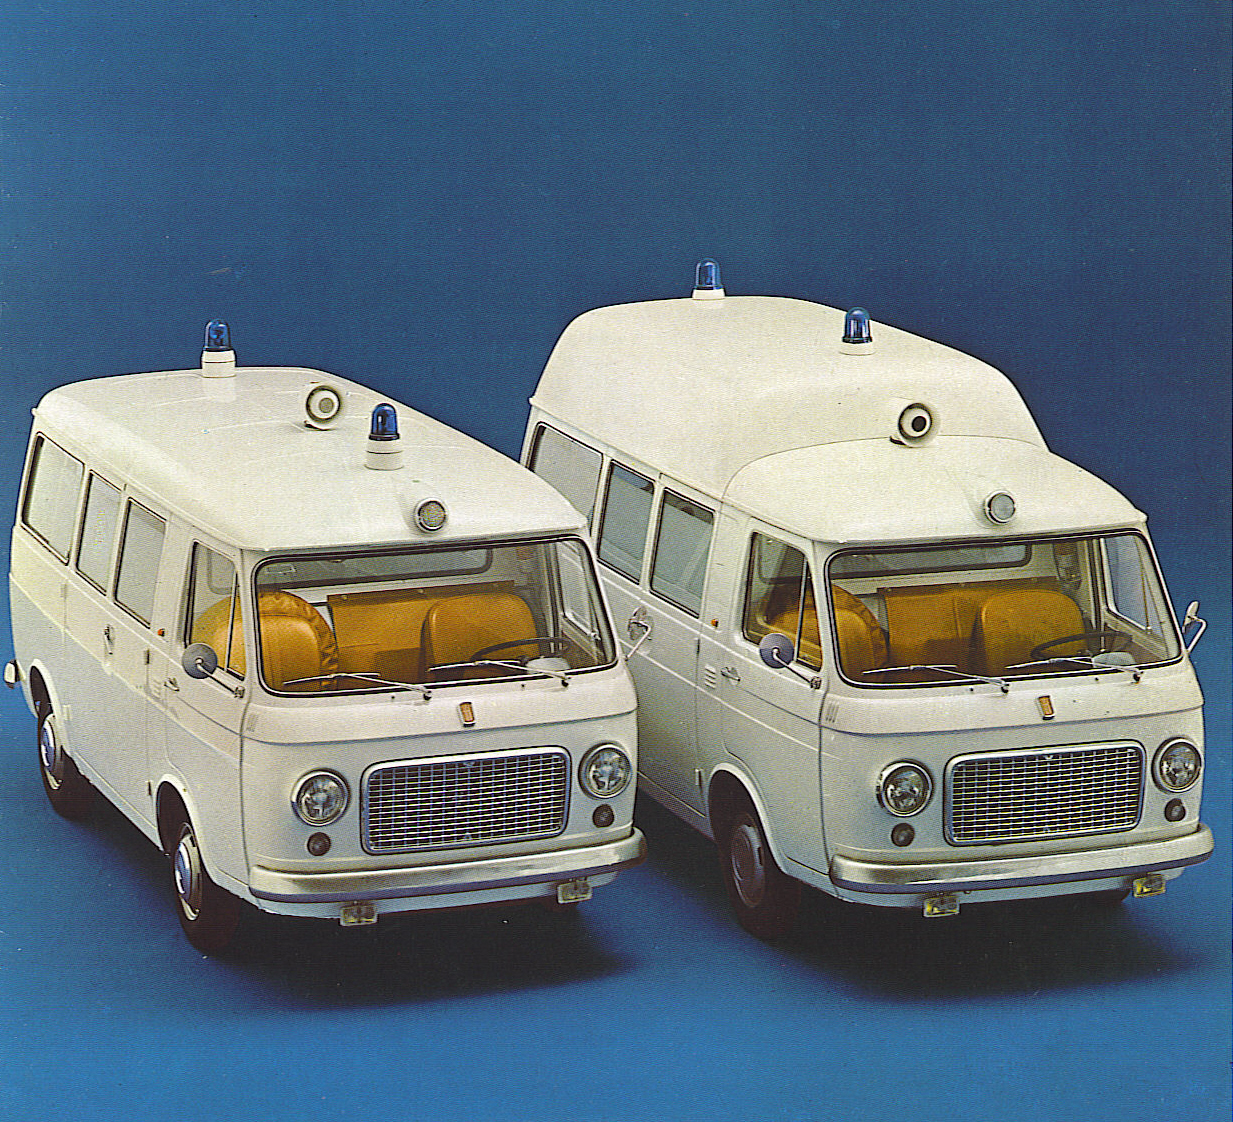 Foto 01: le due versioni di serie, a tetto basso ed alto – da depliant Fiat